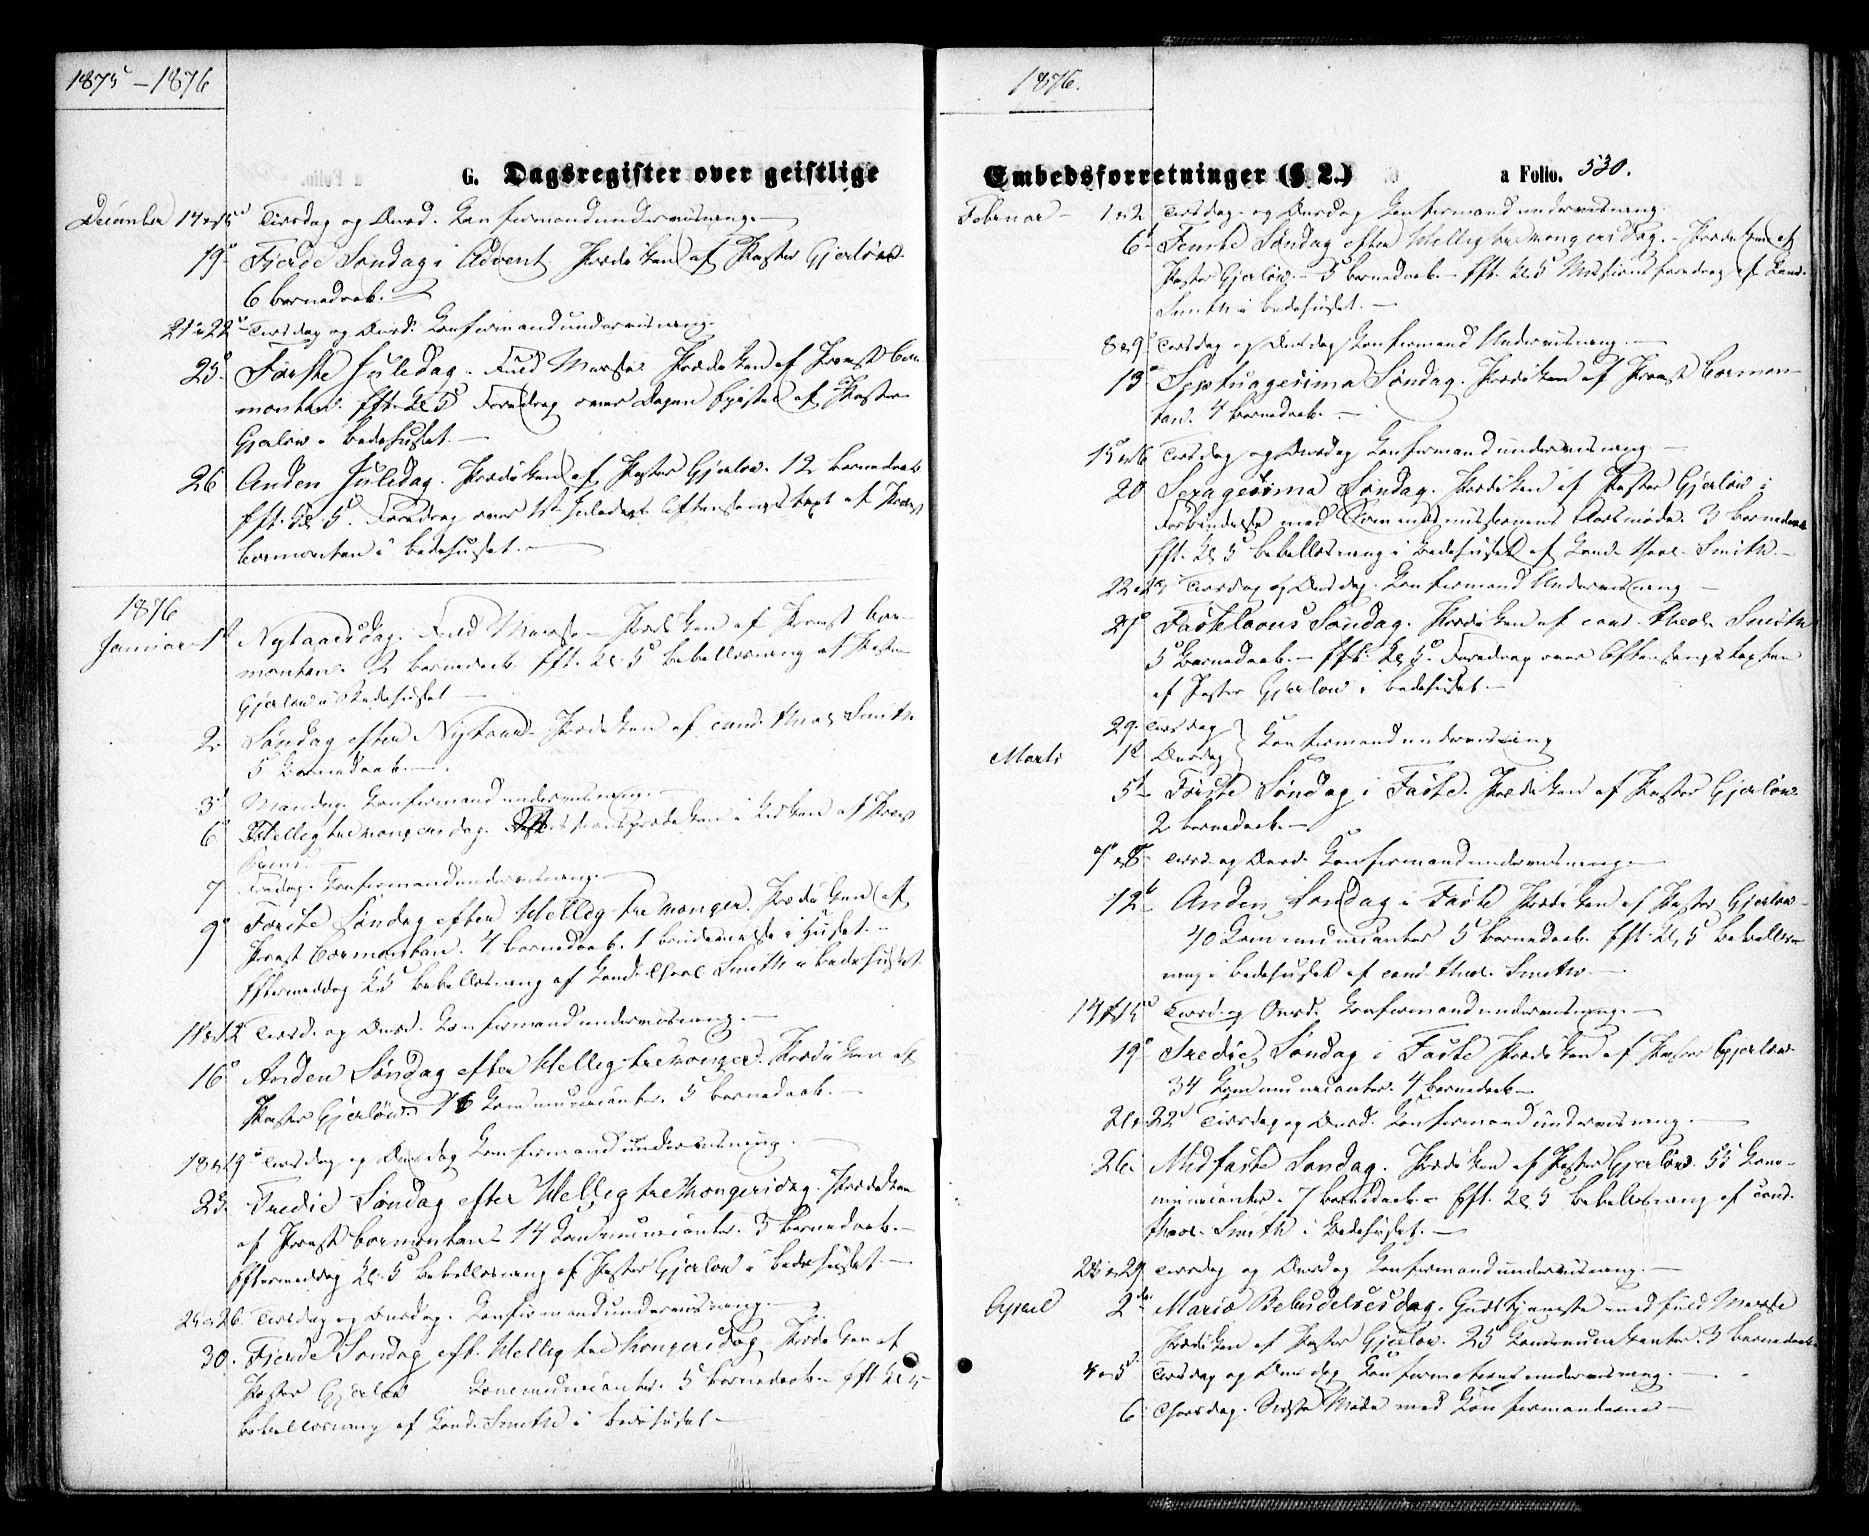 SAK, Arendal sokneprestkontor, Trefoldighet, F/Fa/L0007: Ministerialbok nr. A 7, 1868-1878, s. 530